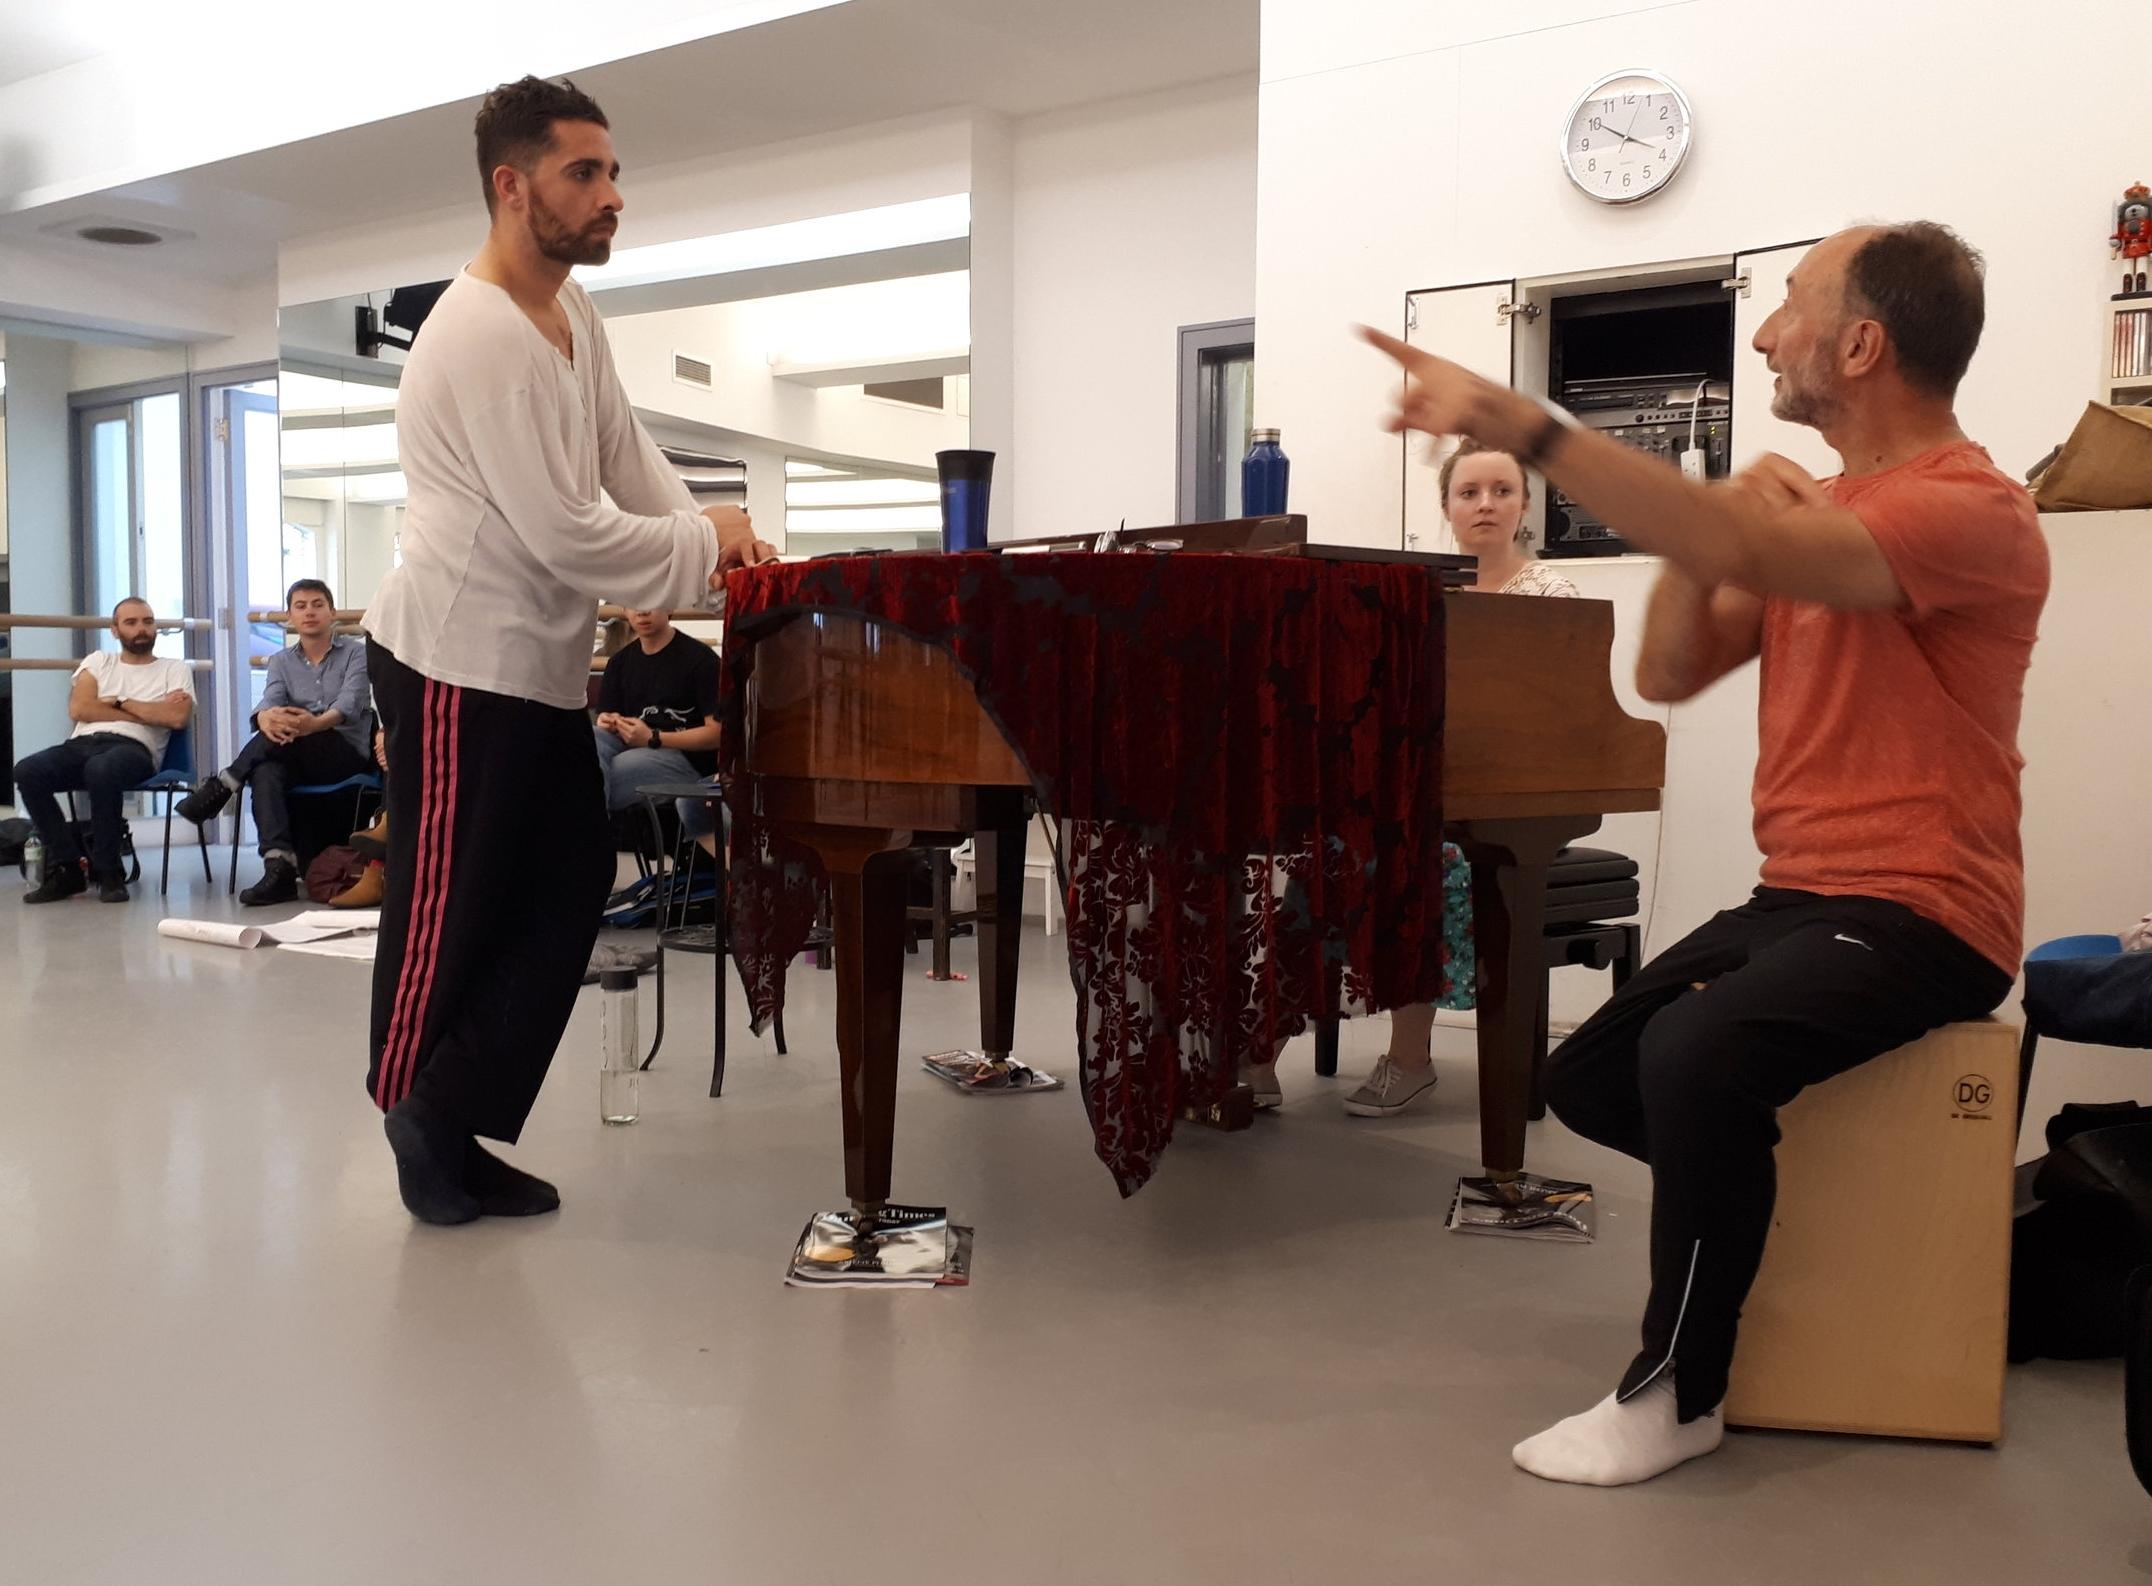 Rambert school teacher Matthieu geffre and musician chris benstead